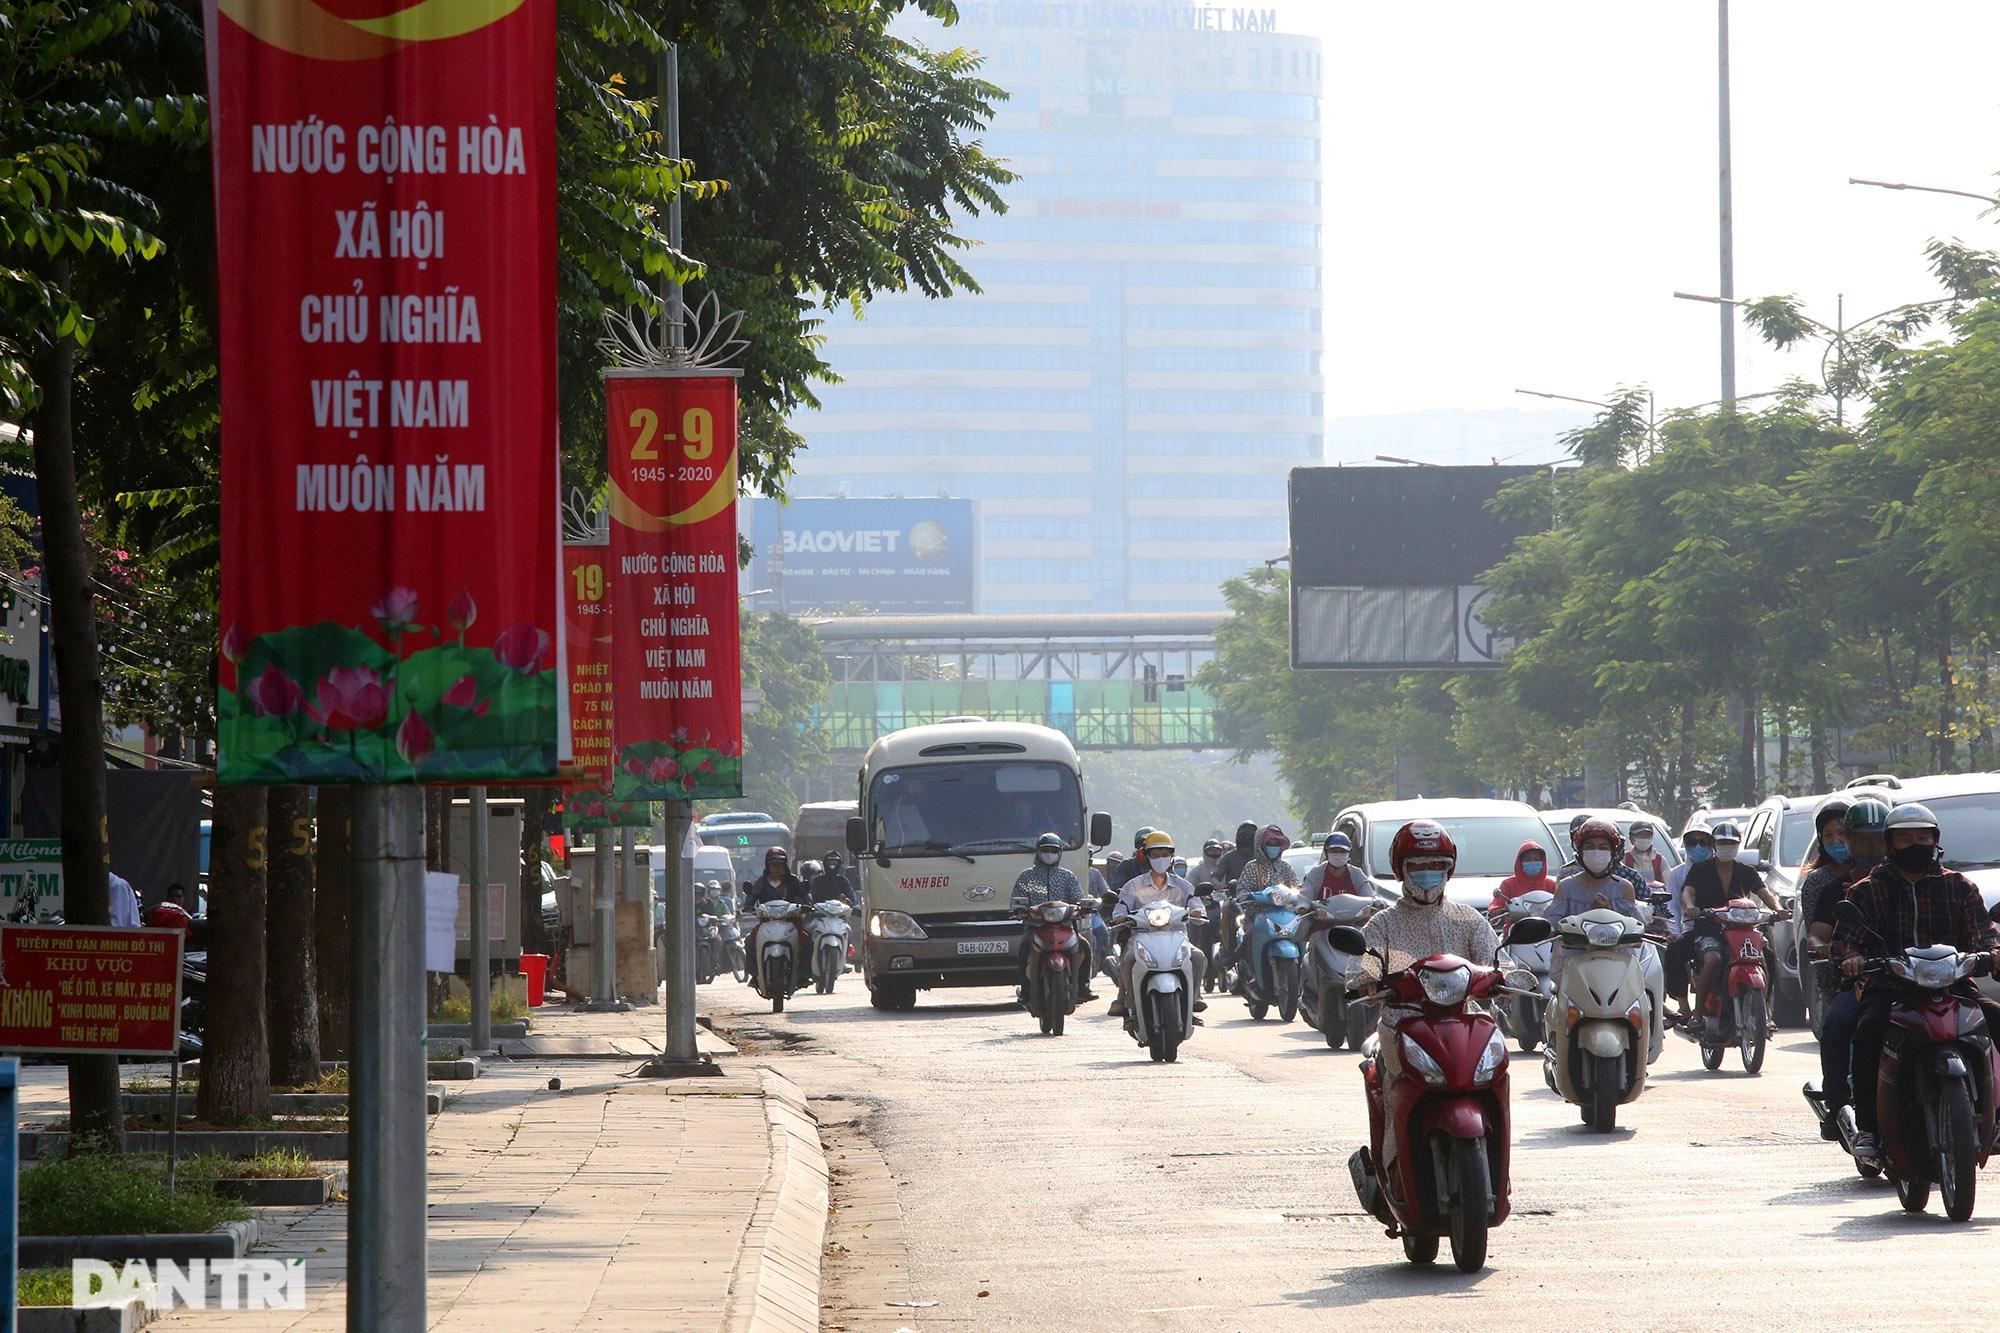 Đường phố Hà Nội rực rỡ cờ hoa chào mừng Quốc khánh 2/9 - 9